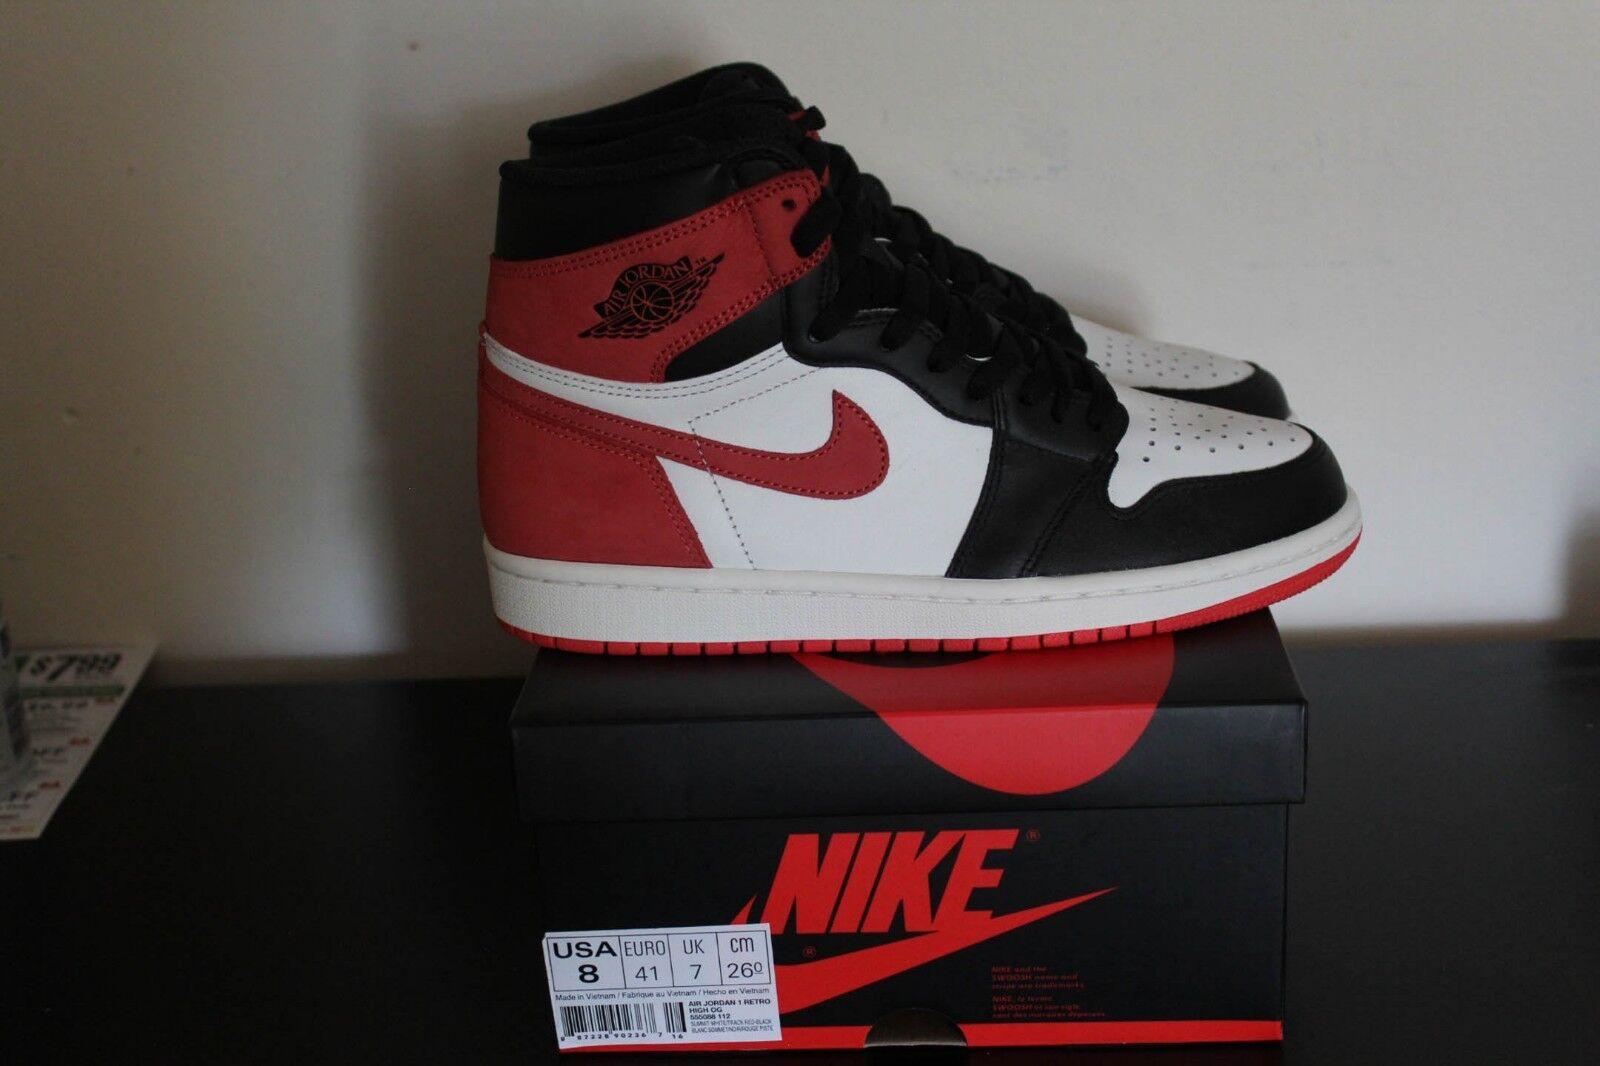 Air Jordan 1 Retro High OG Track Rosso Size 8